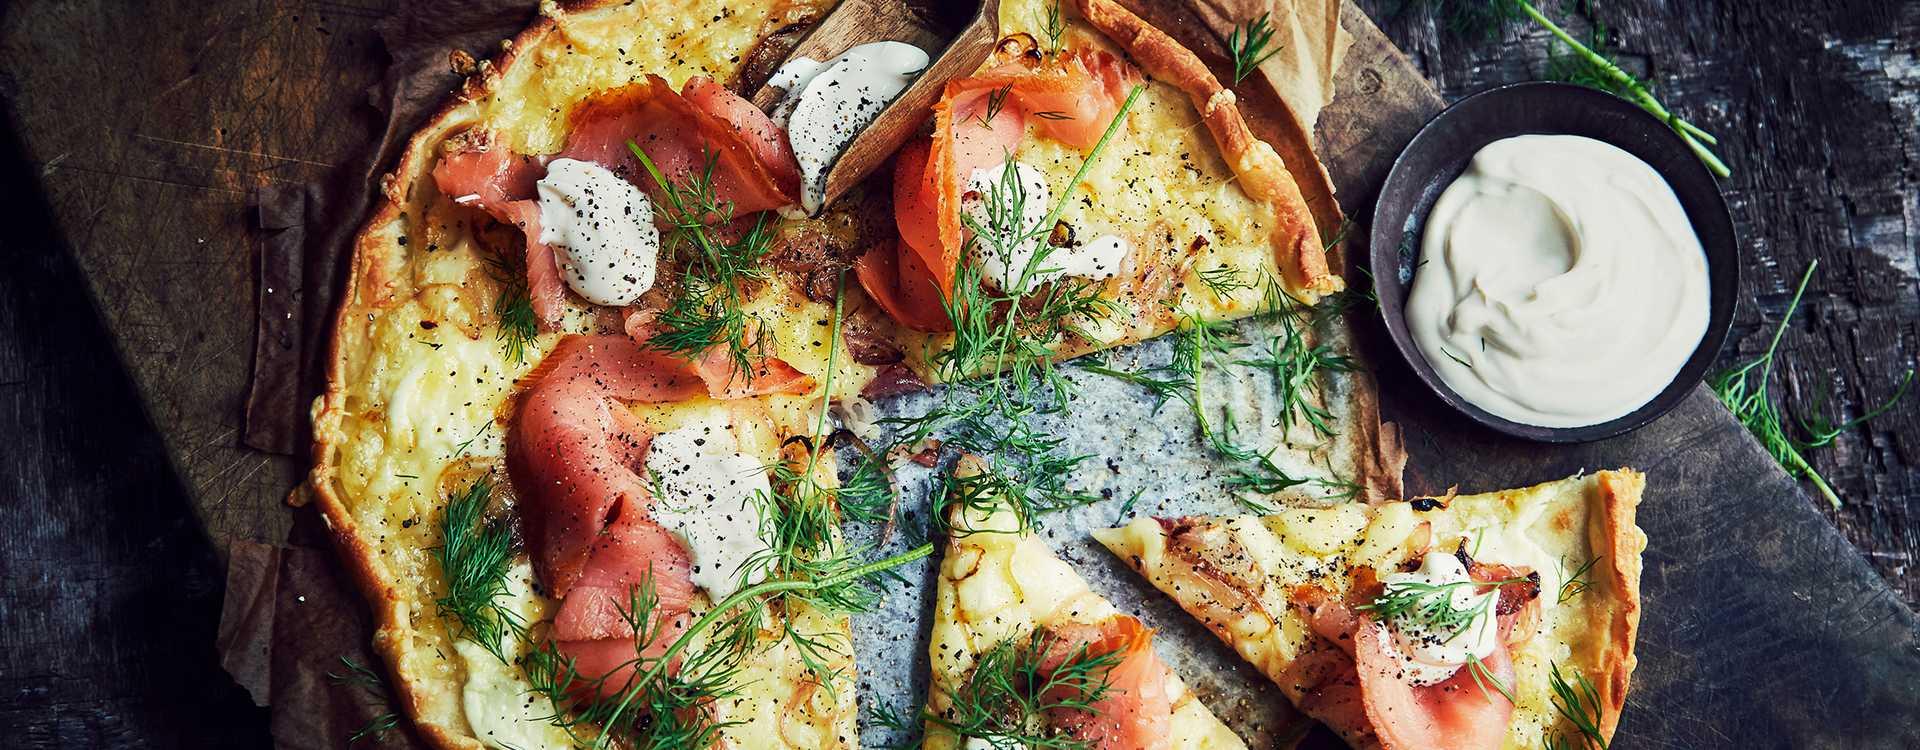 Pizza med røkelaks og rømme